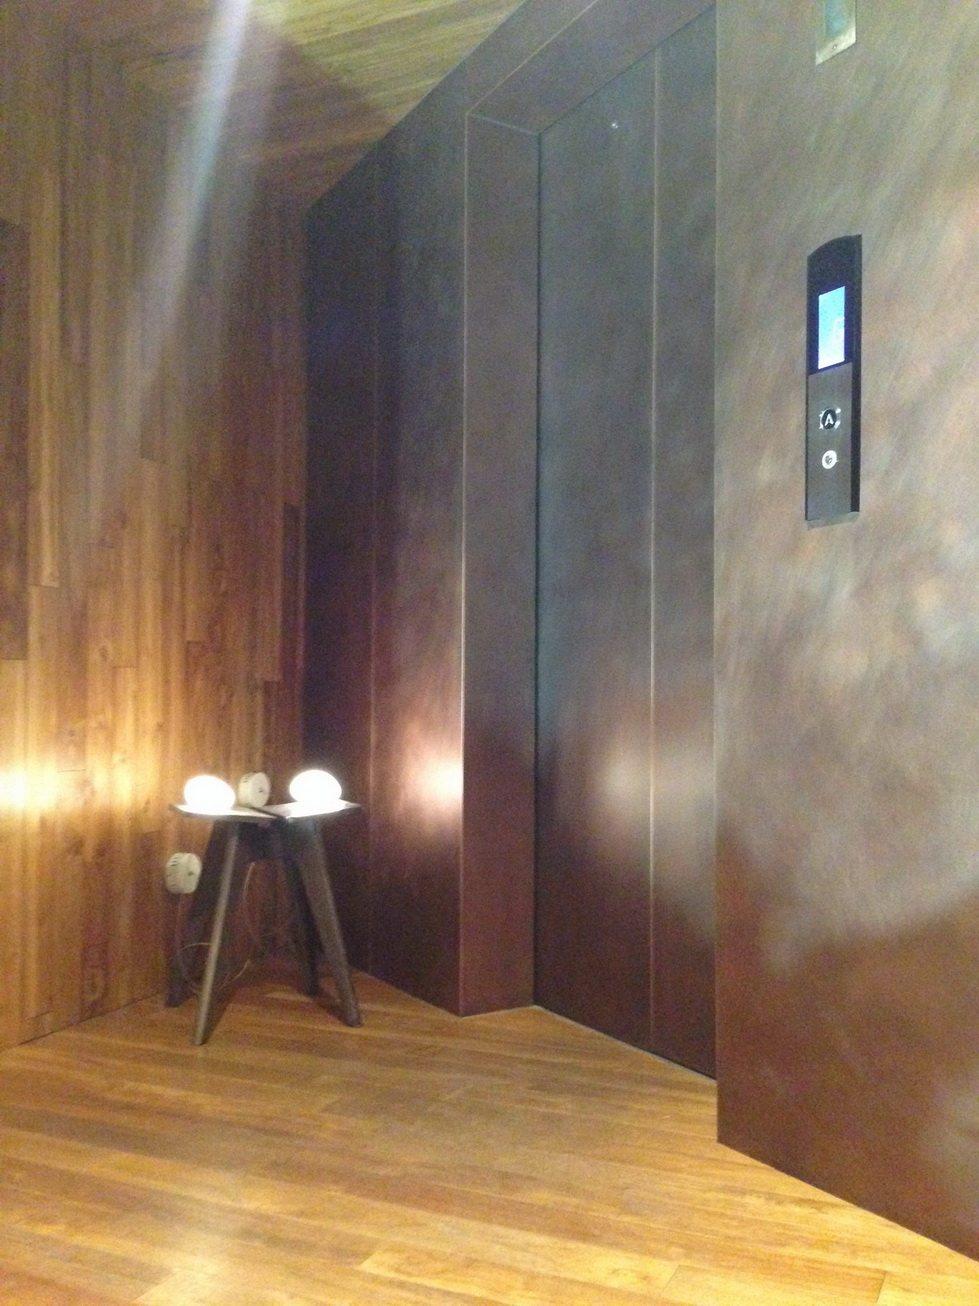 厦门乐雅无垠酒店Hotel Wind自拍 分享_IMG_2686.JPG